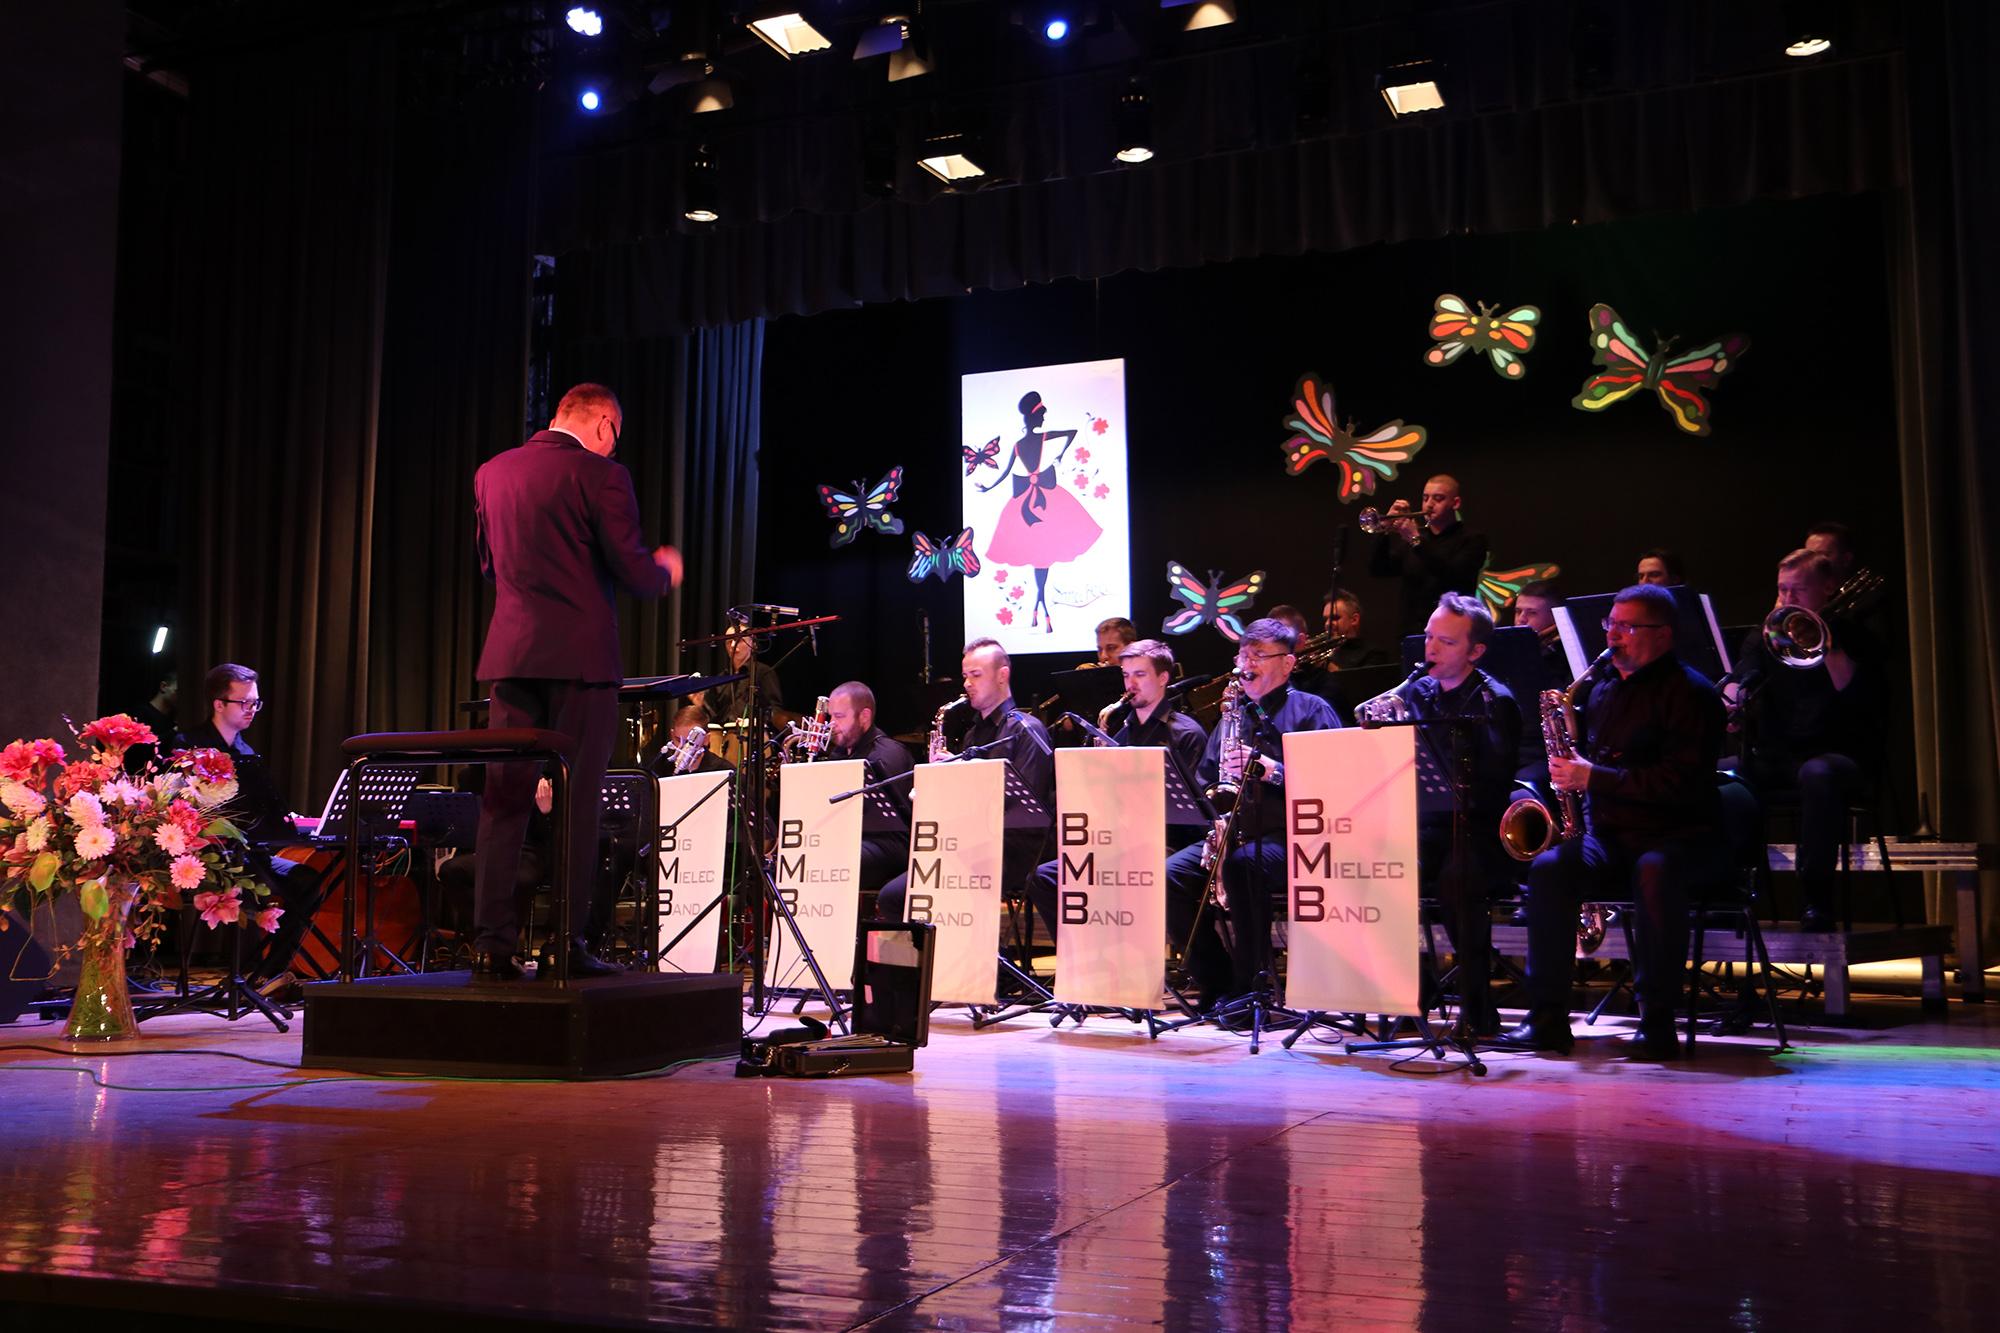 Big Band Mielecki zagra specjalnie na dzień kobiet! [ZDJĘCIA] - Zdjęcie główne